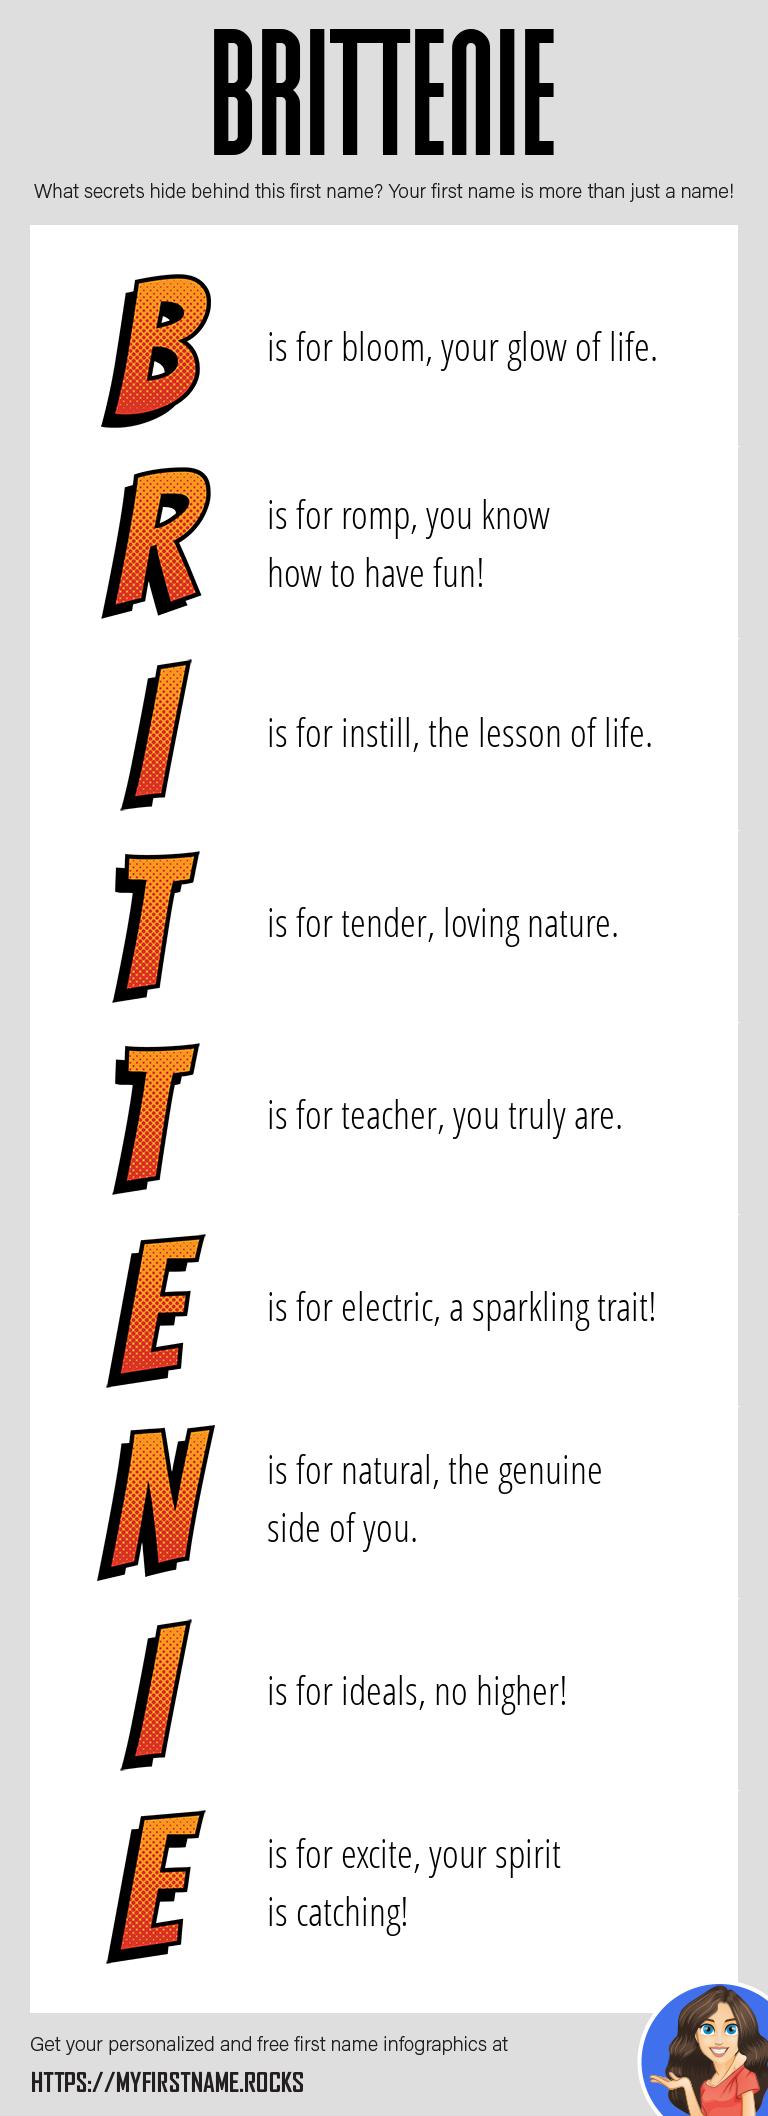 Brittenie Infographics